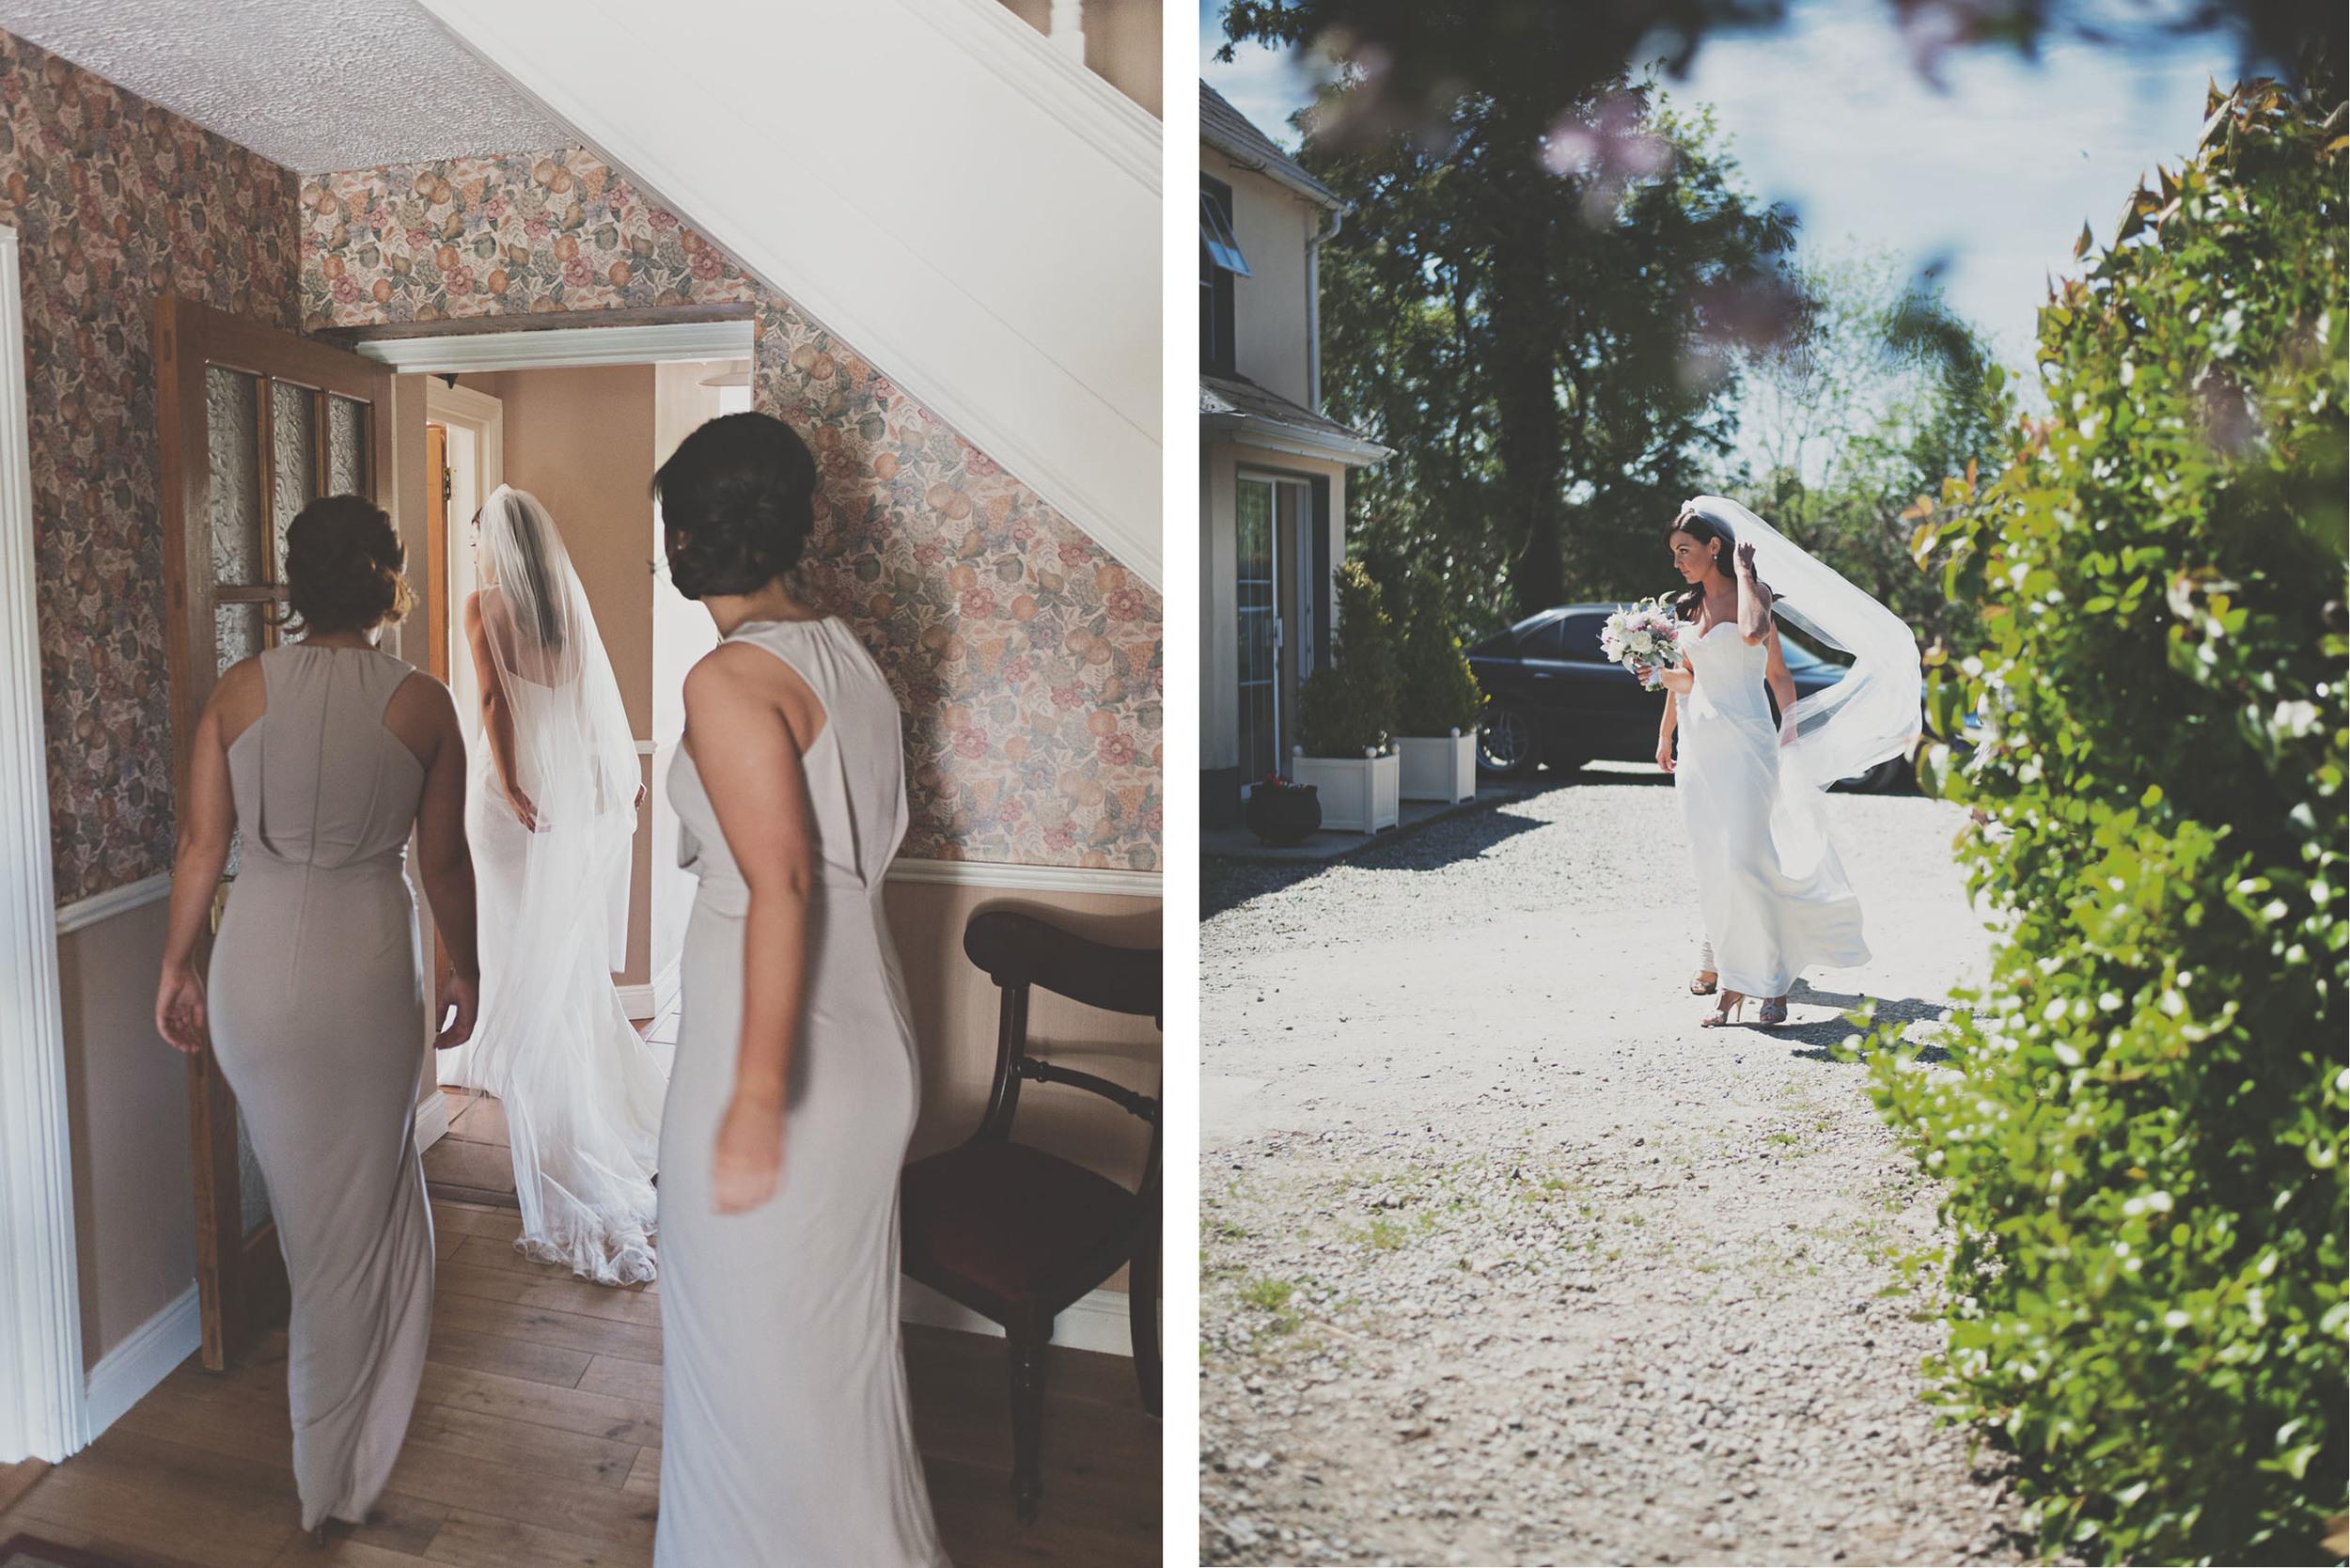 Julie & Matt's Seafield Wedding by Studio33weddings 018.jpg